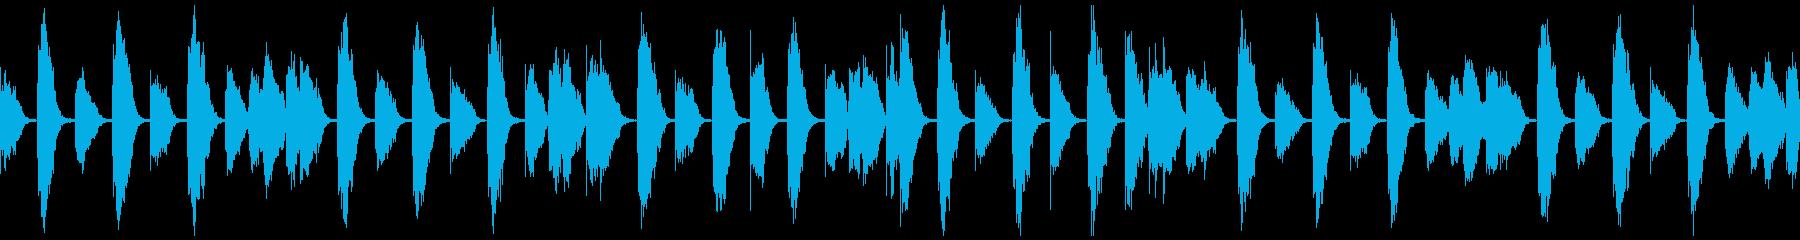 おもしろ動画 犬猫キッズ TikTokの再生済みの波形